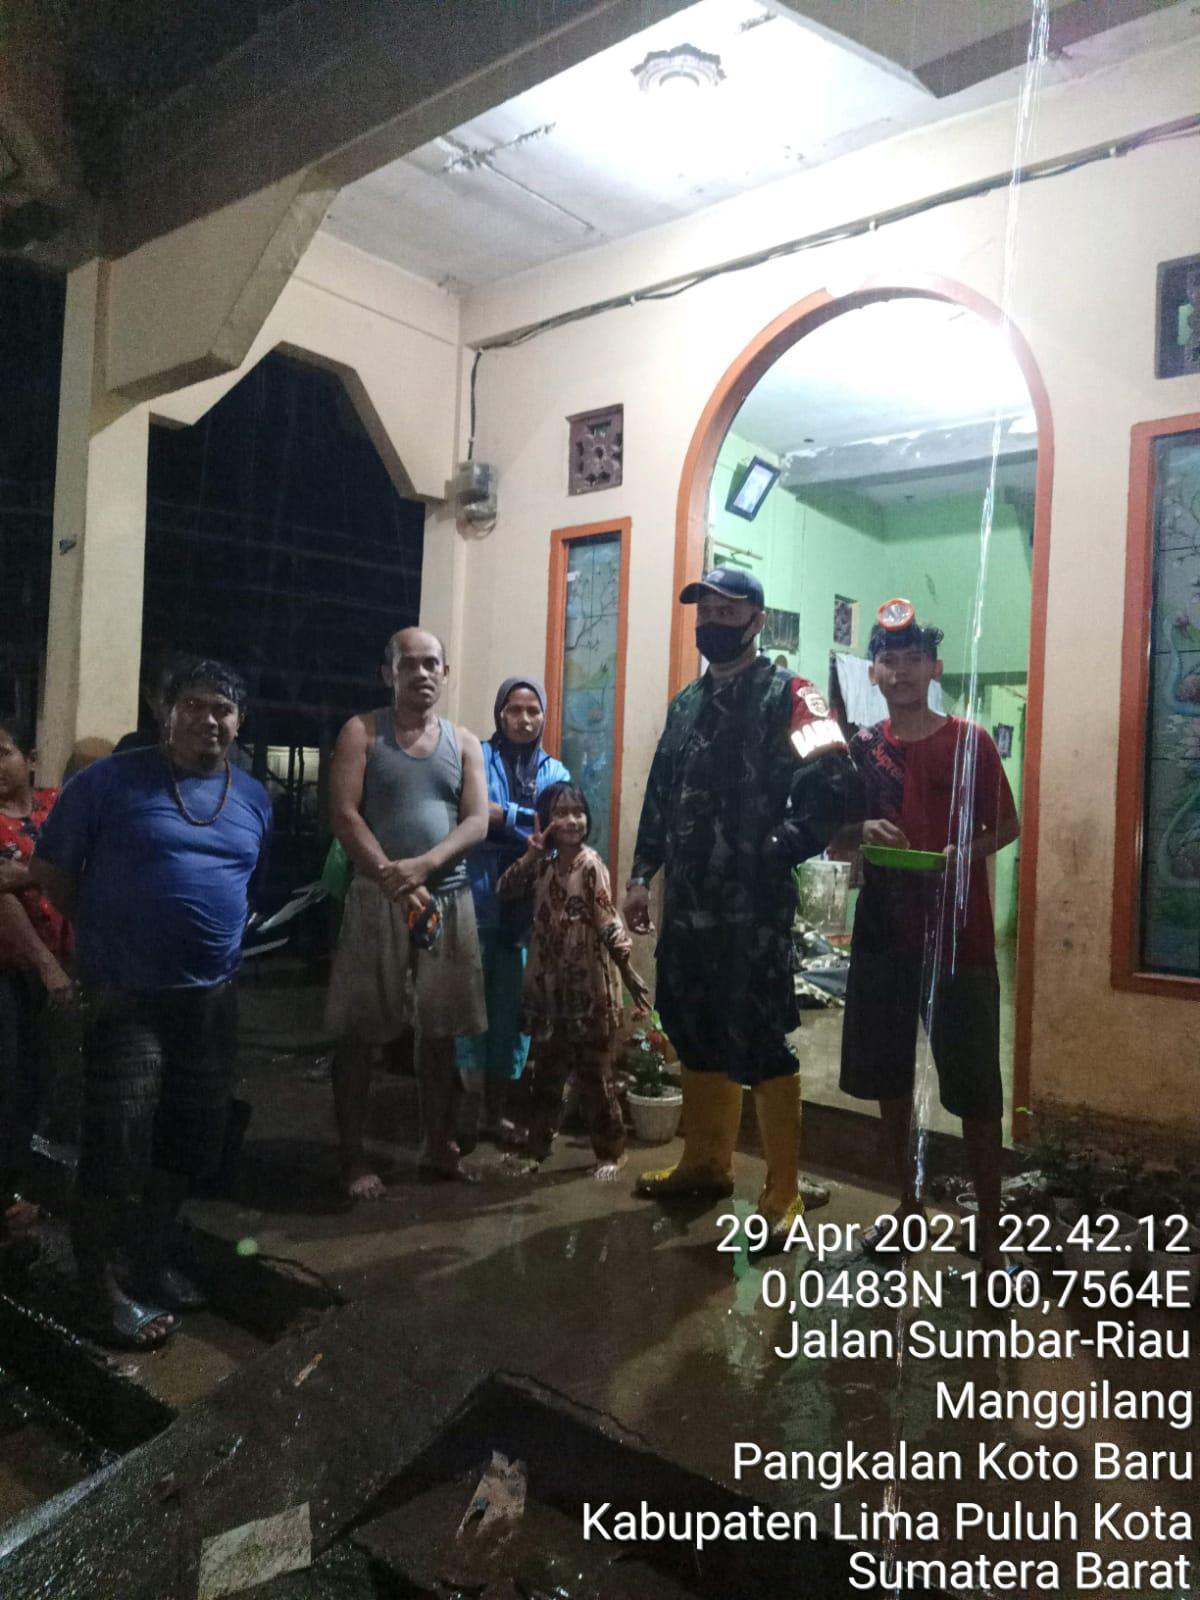 Anggota TNI AD turut terlihat sedang mengamankan lokasi di Mangginang, Kabupaten Limapuluh Kota, Kamis (29/4) malam WIBc.